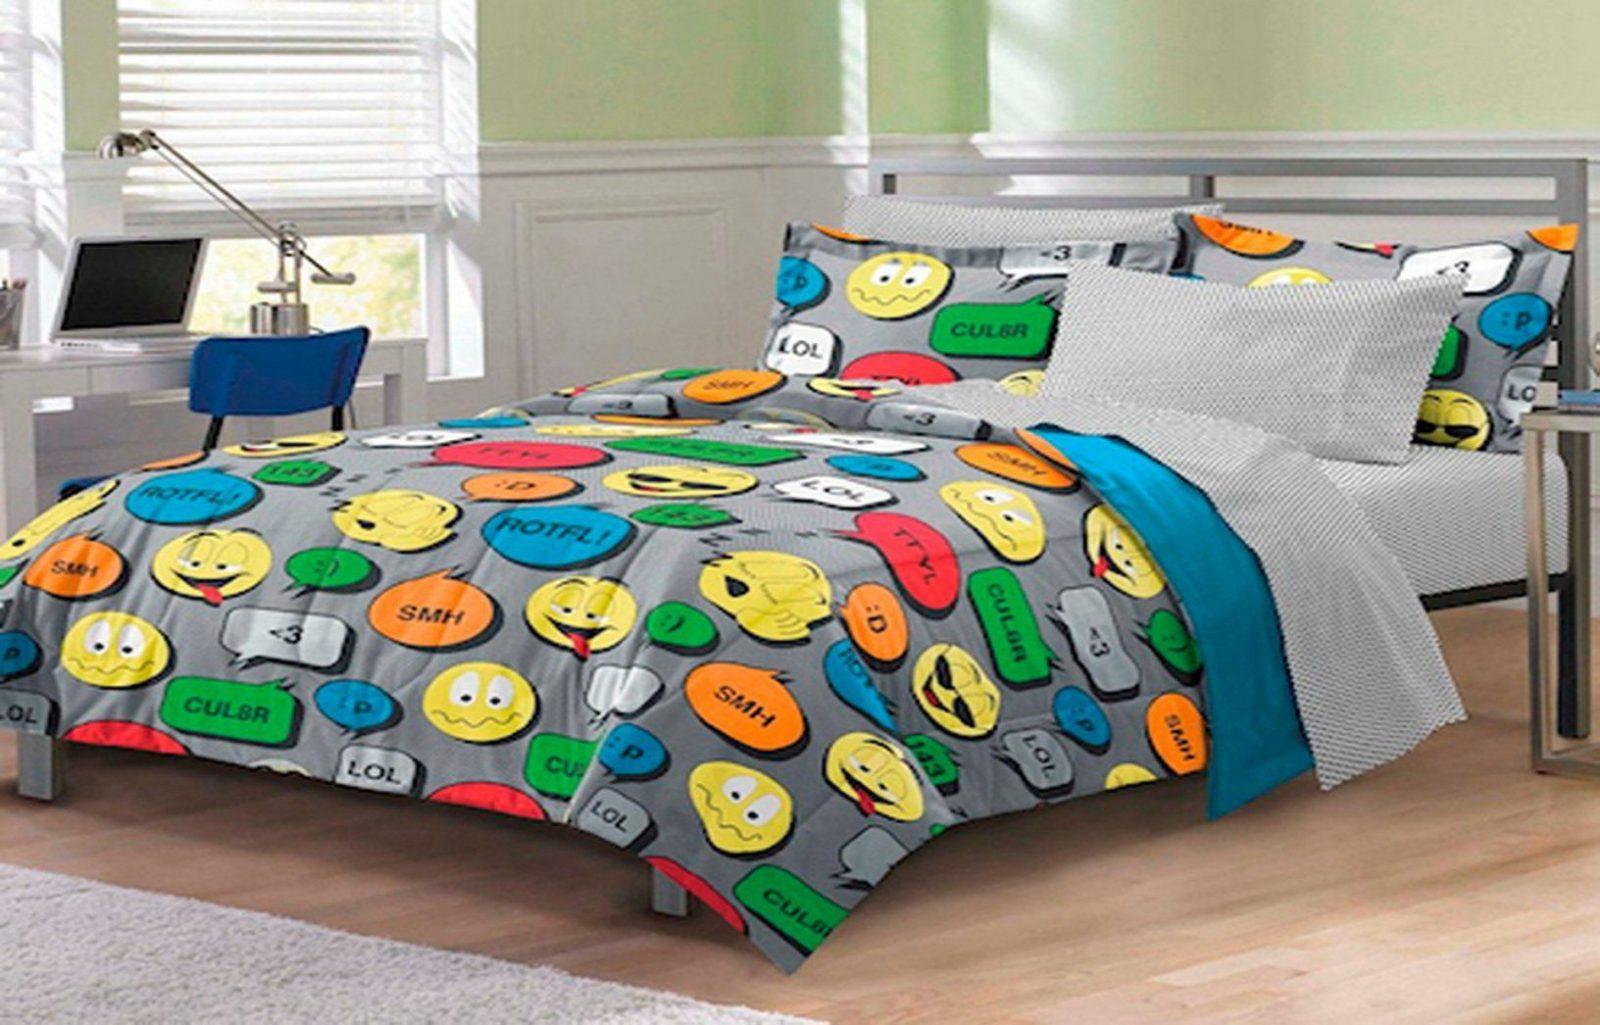 Jung & Wilde Zimmer 21 Coole Bettwäsche Für Teenager  Kinderzimmer von Coole Bettwäsche Für Junge Leute Bild